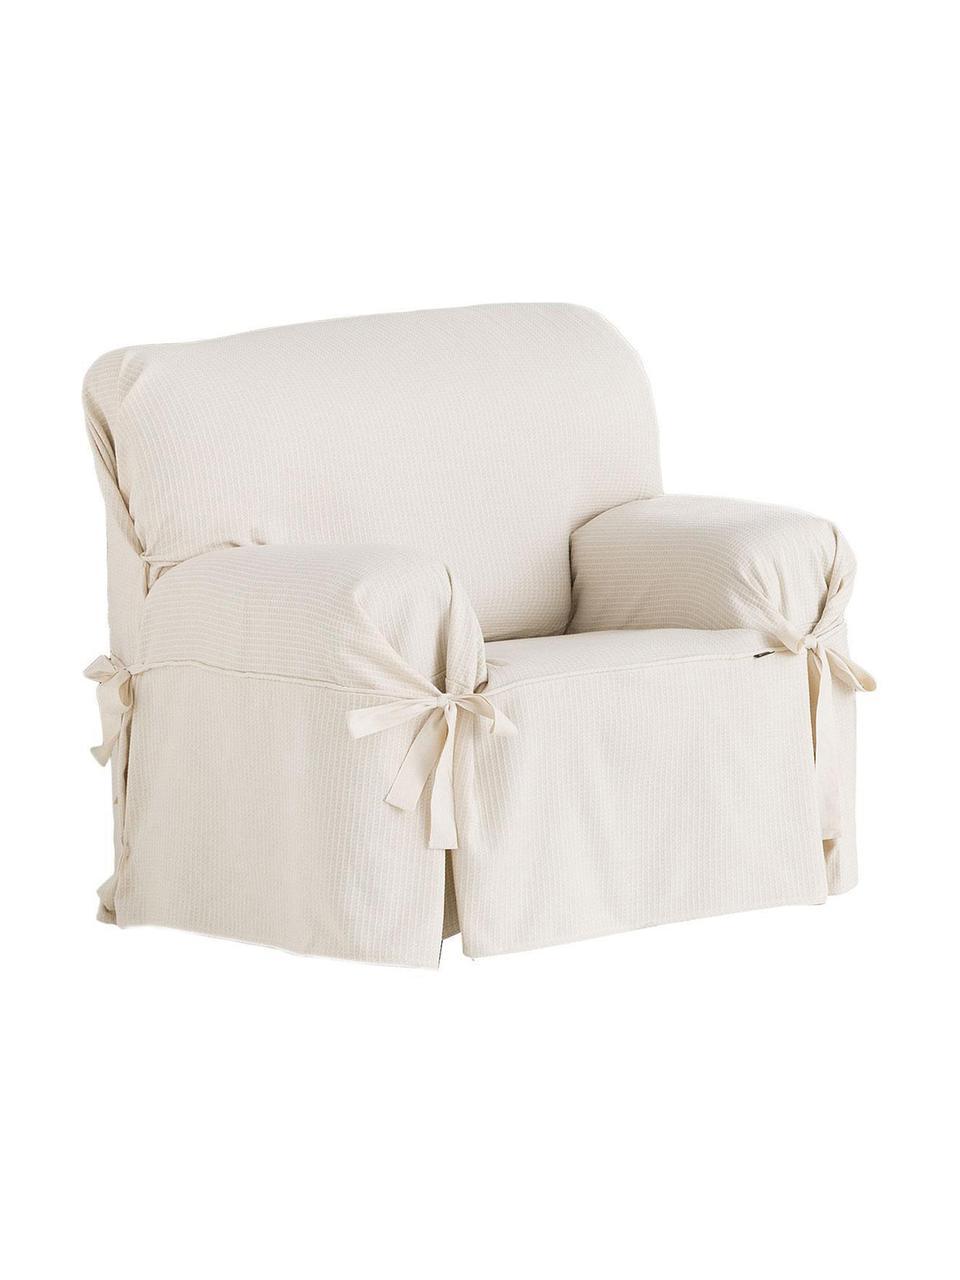 Pokrowiec na fotel Bianca, 100% bawełna, Odcienie kremowego, S 110 x W 110 cm